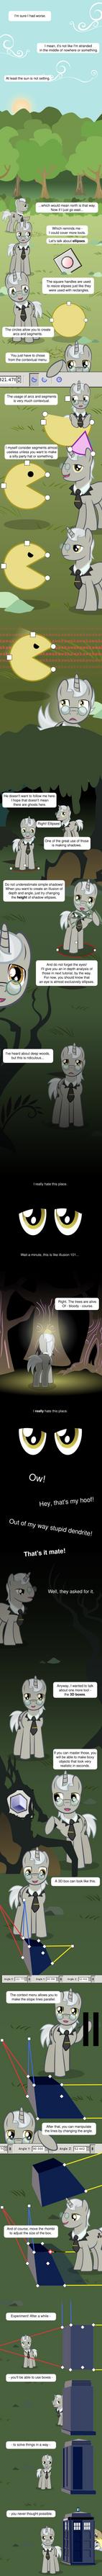 Tumblr Tutorial 2: Tools IV by MisterAibo